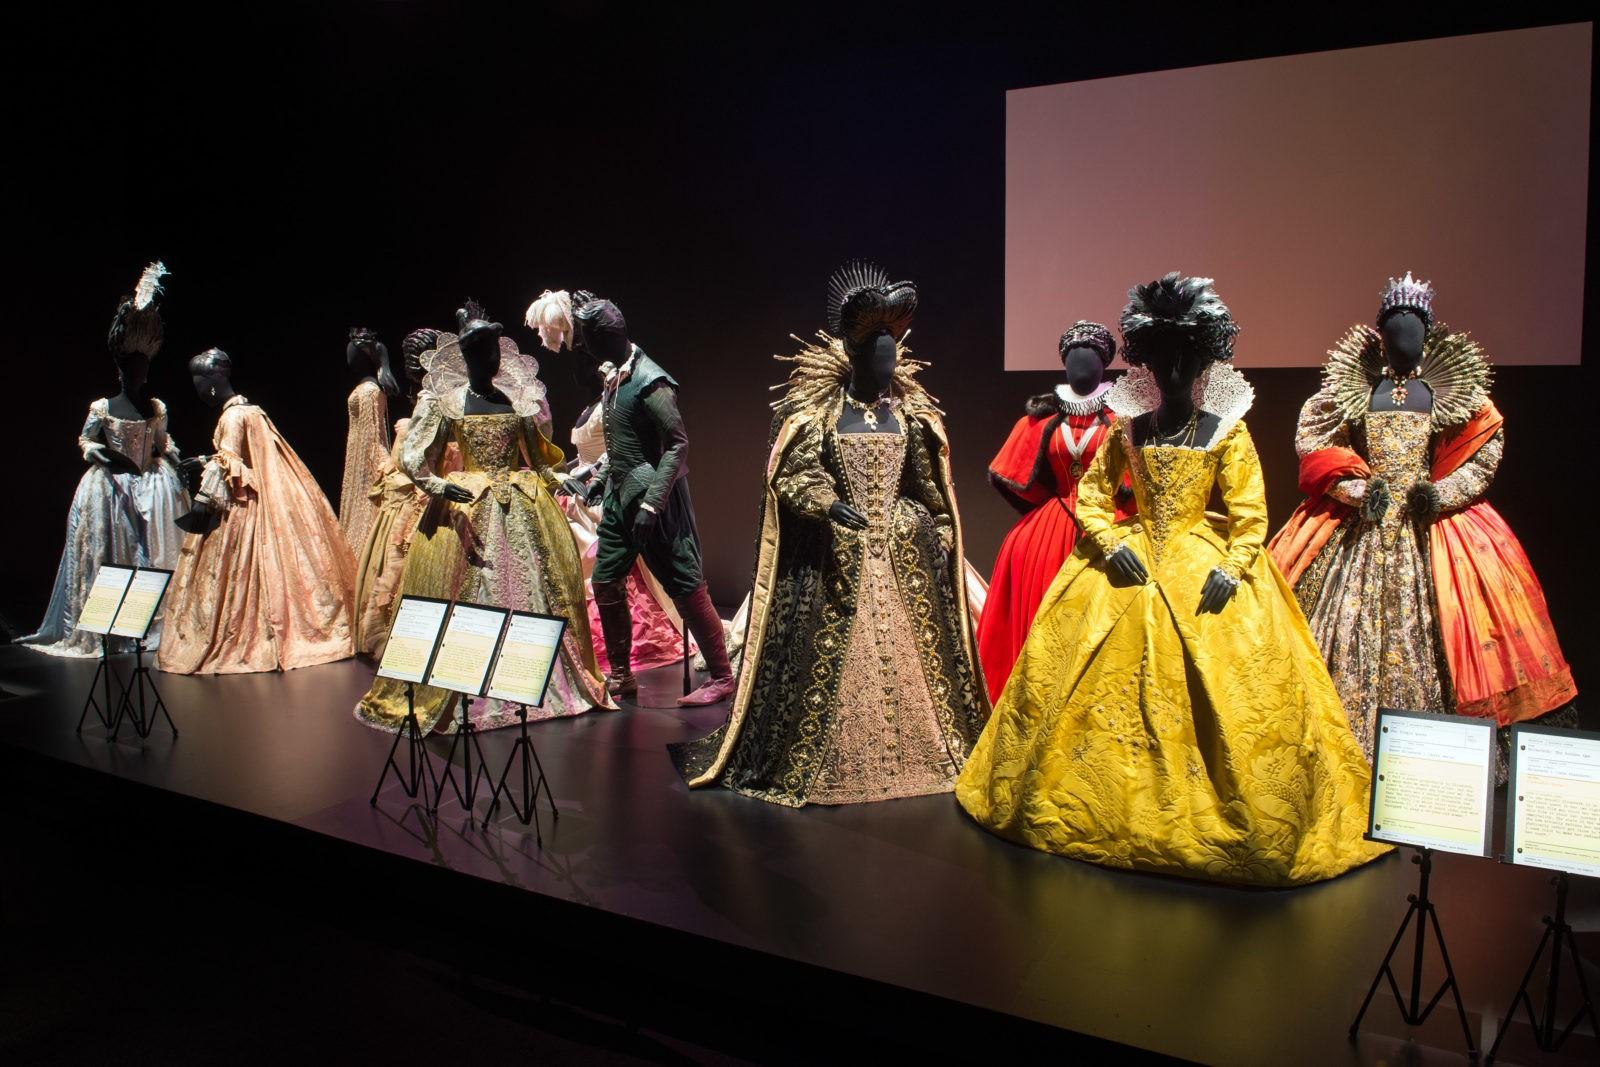 Ce week-end, le théâtre des Célestins à Lyon vend ses costumes